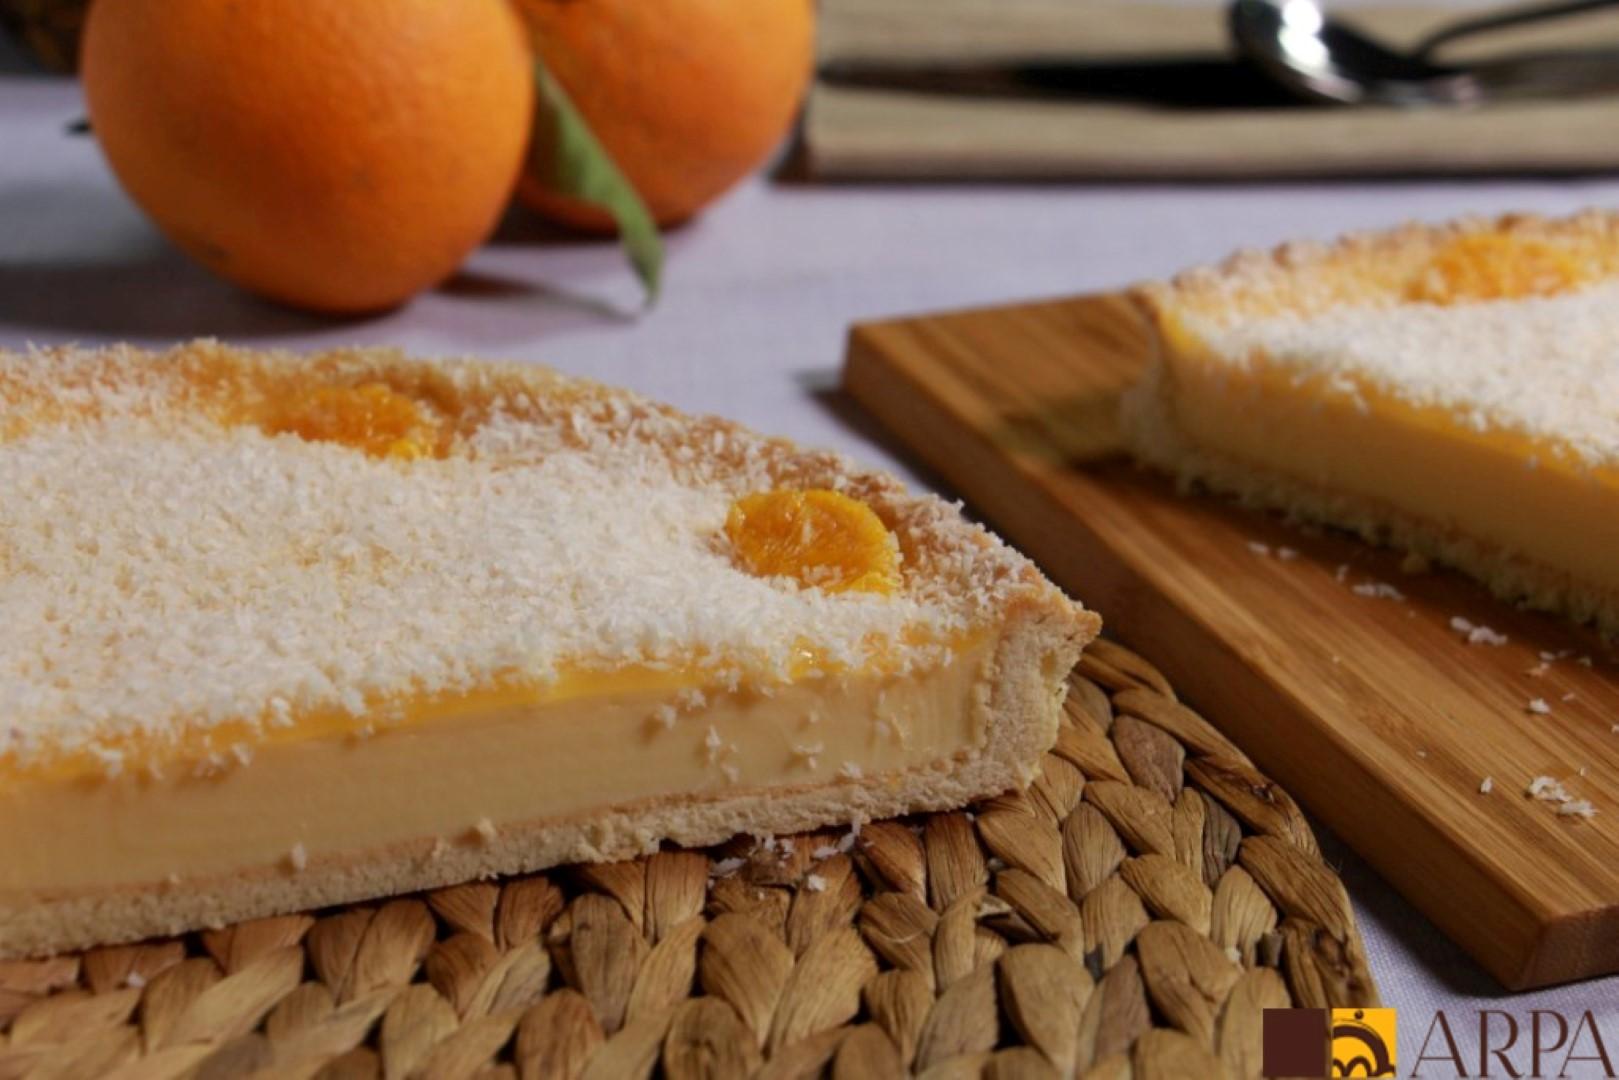 Tarta de galleta rellena de crema pastelera y cubierta con naranja